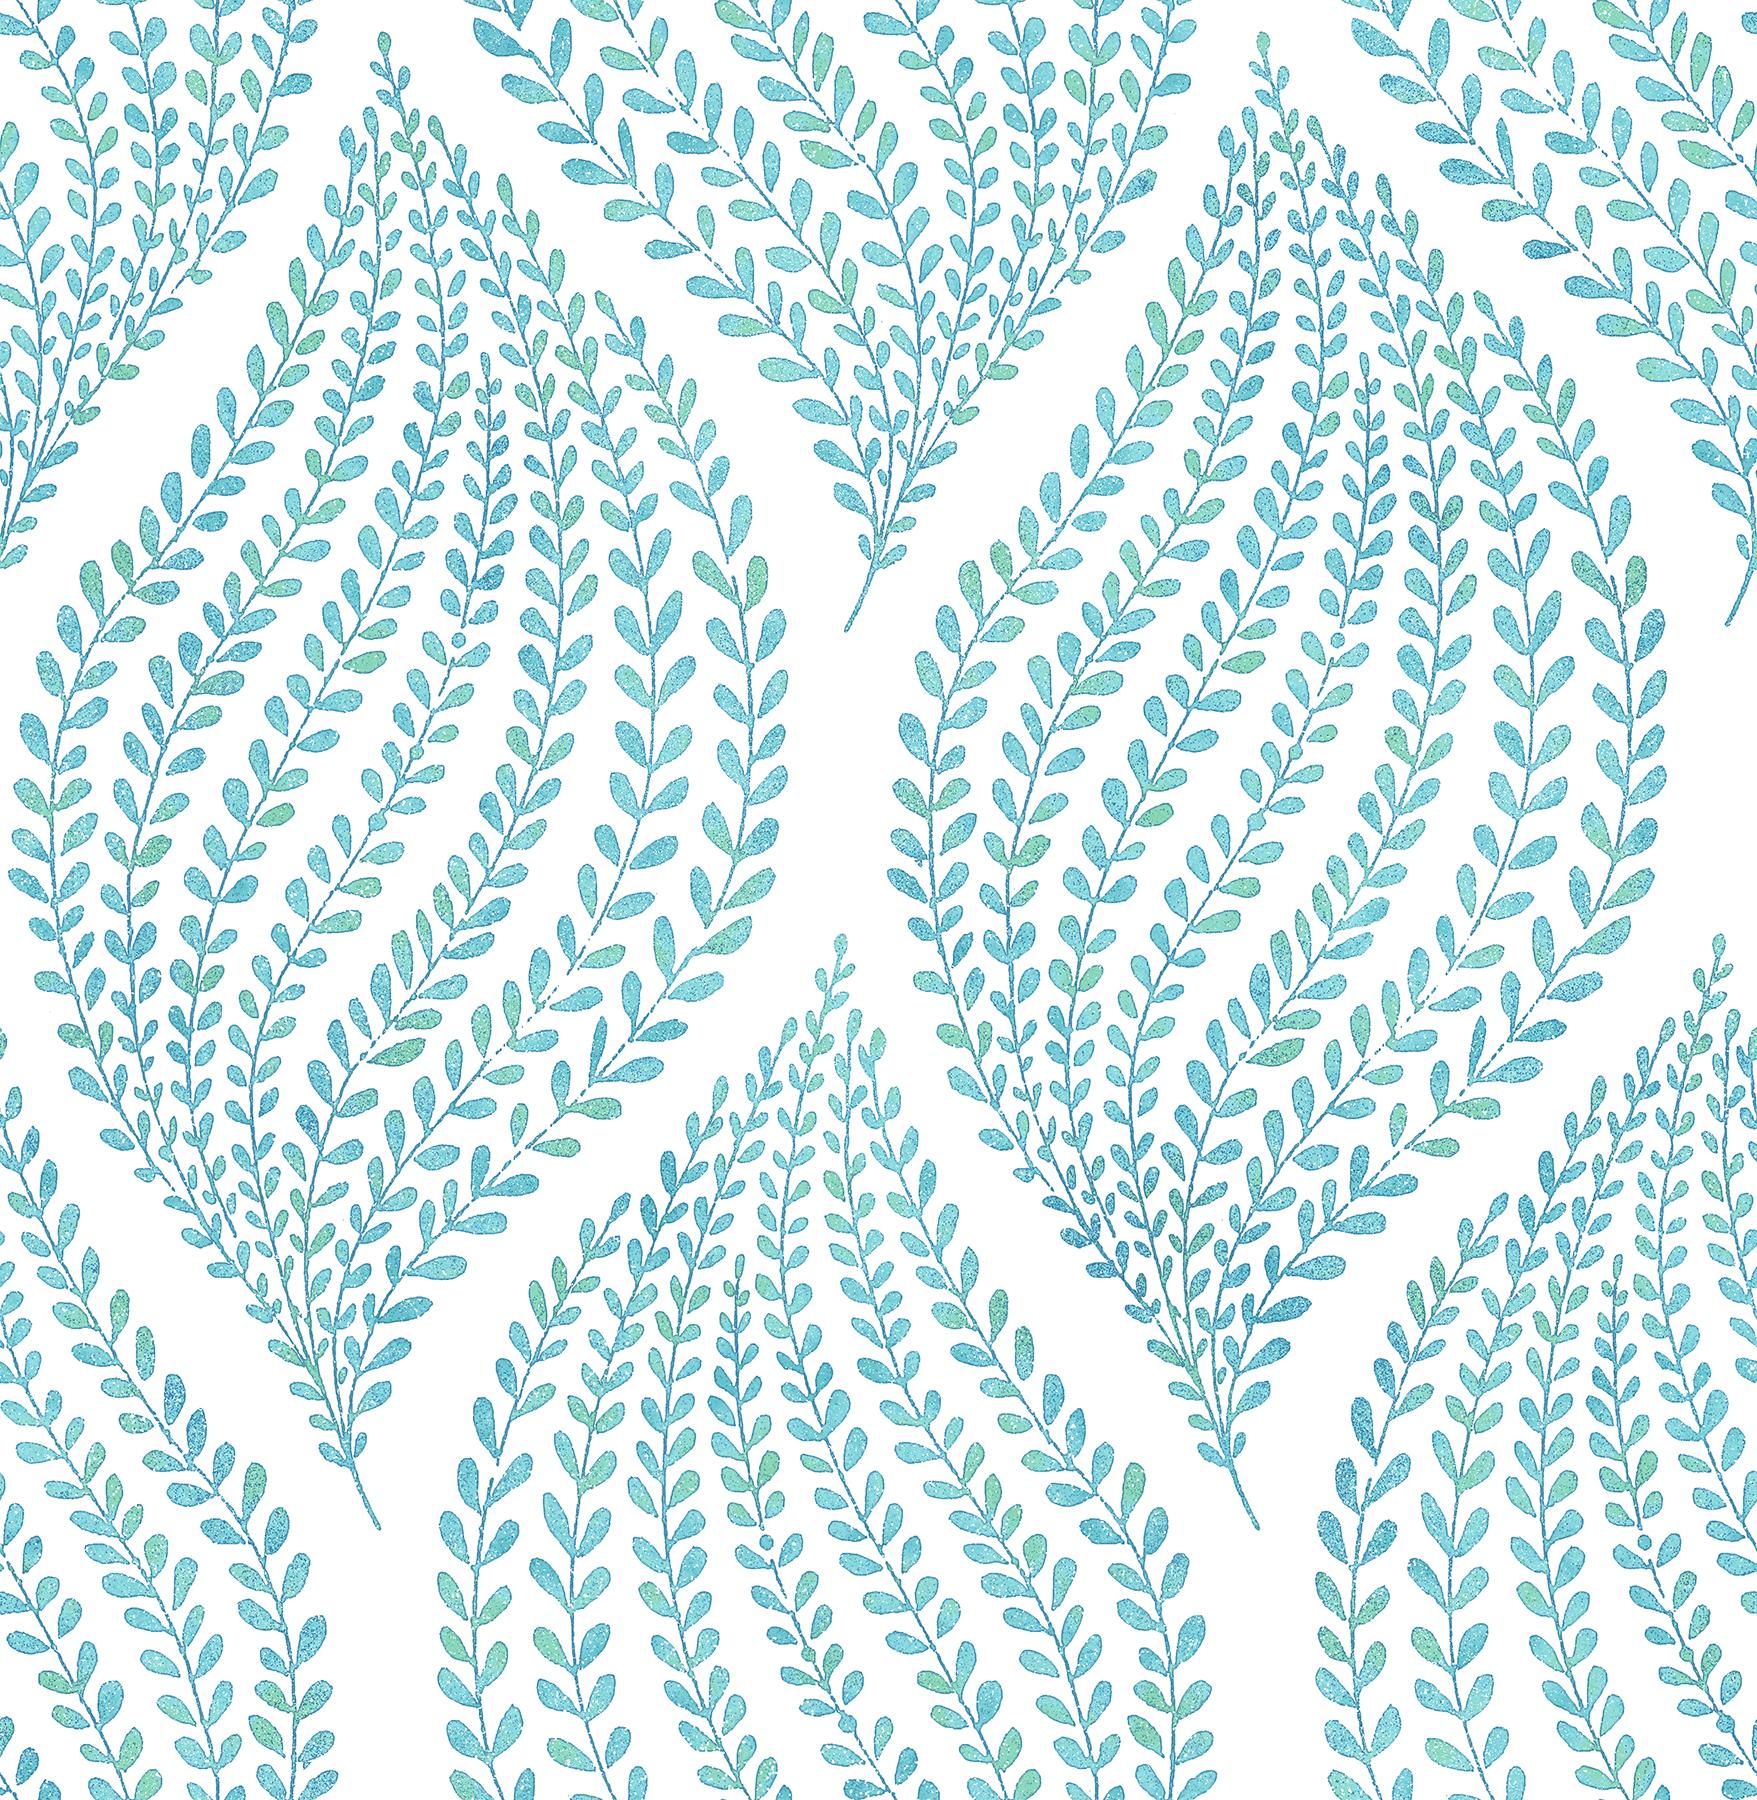 Picture of Arboretum Aqua Fern Wallpaper